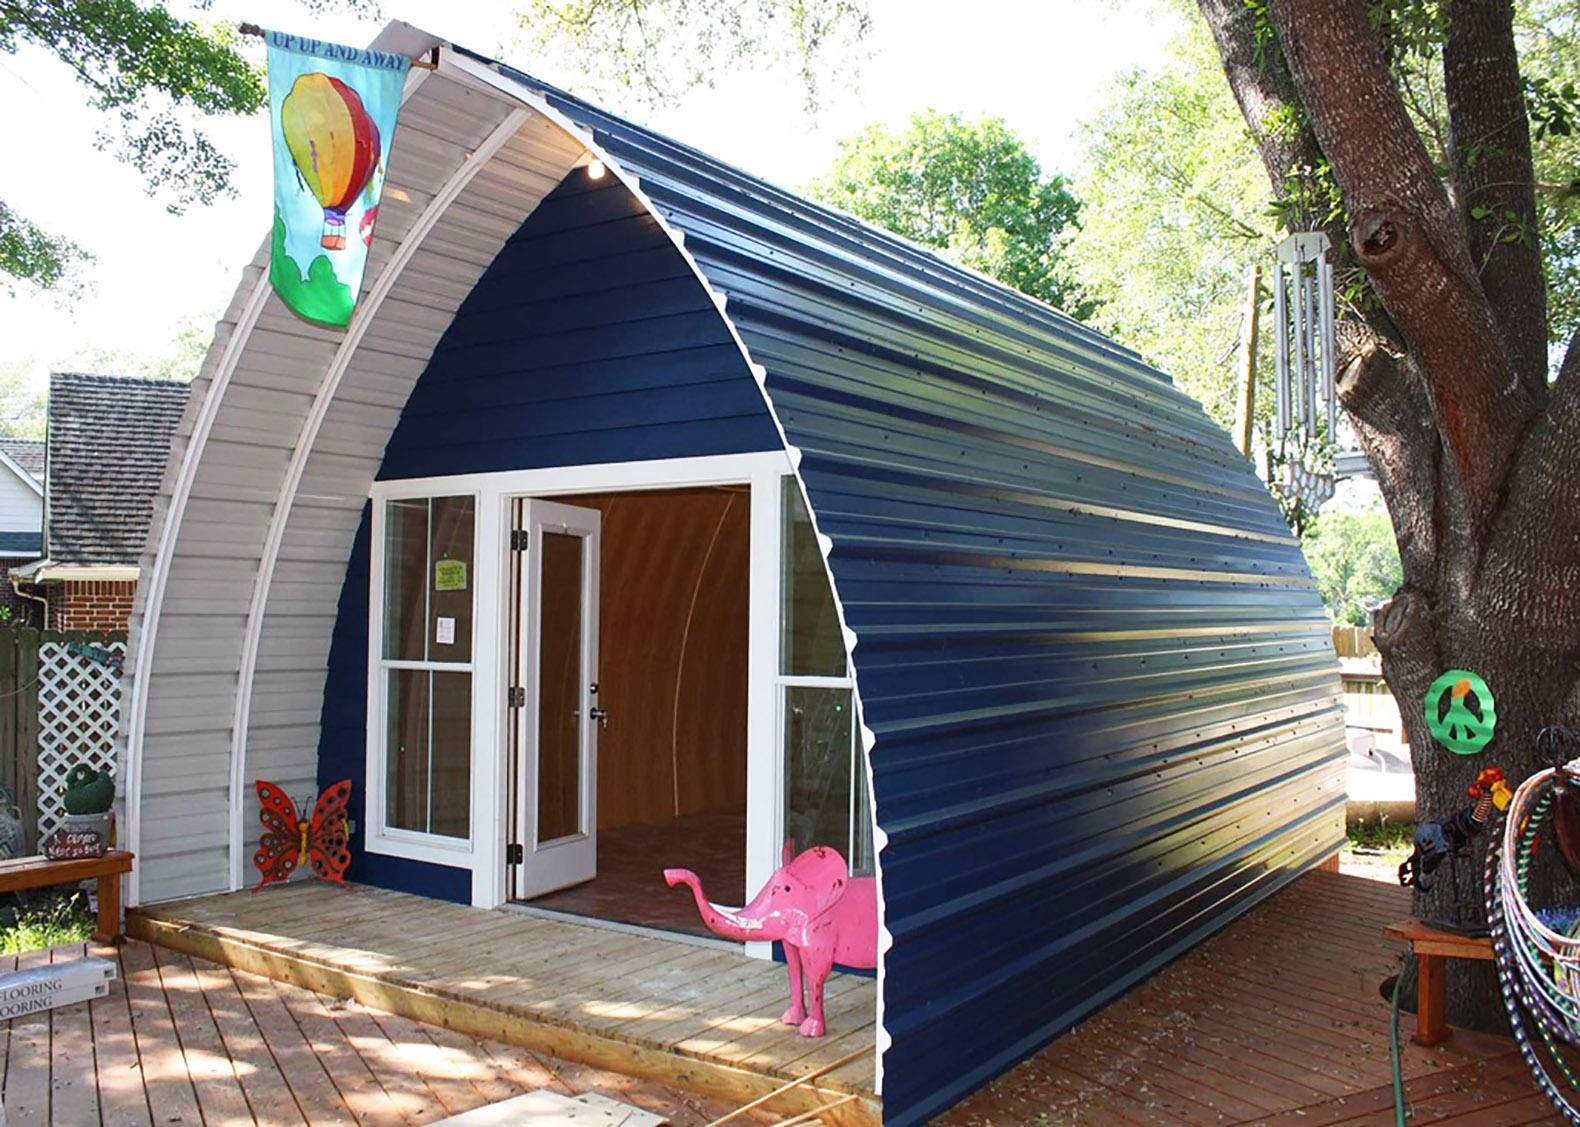 Affordable tiny homes dubldom green magic homes mobile home prefab prefab